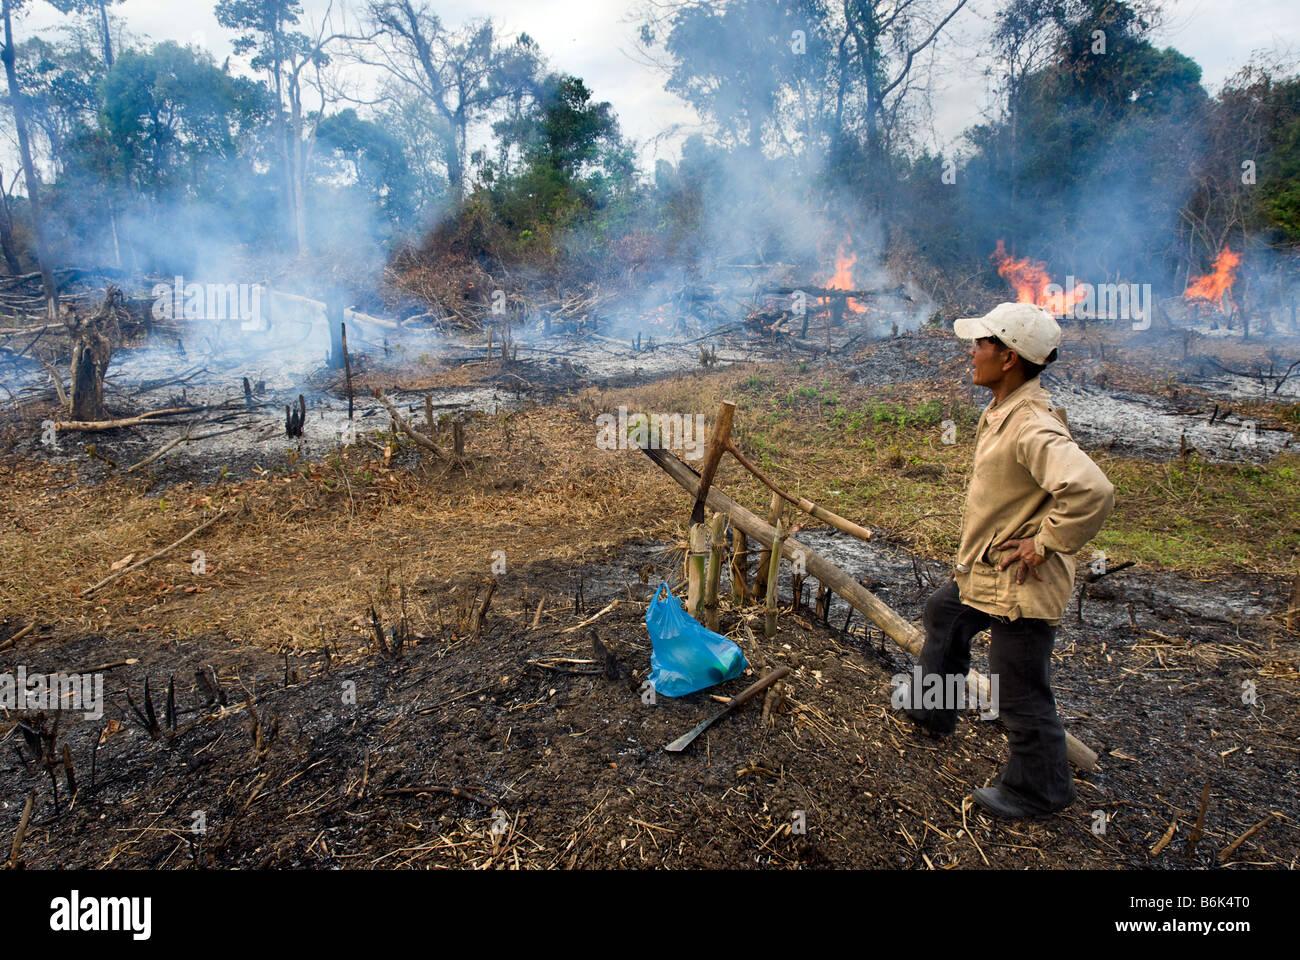 L'homme le contrôle de l'enlèvement de la forêt pour la culture des terres dans les régions Photo Stock